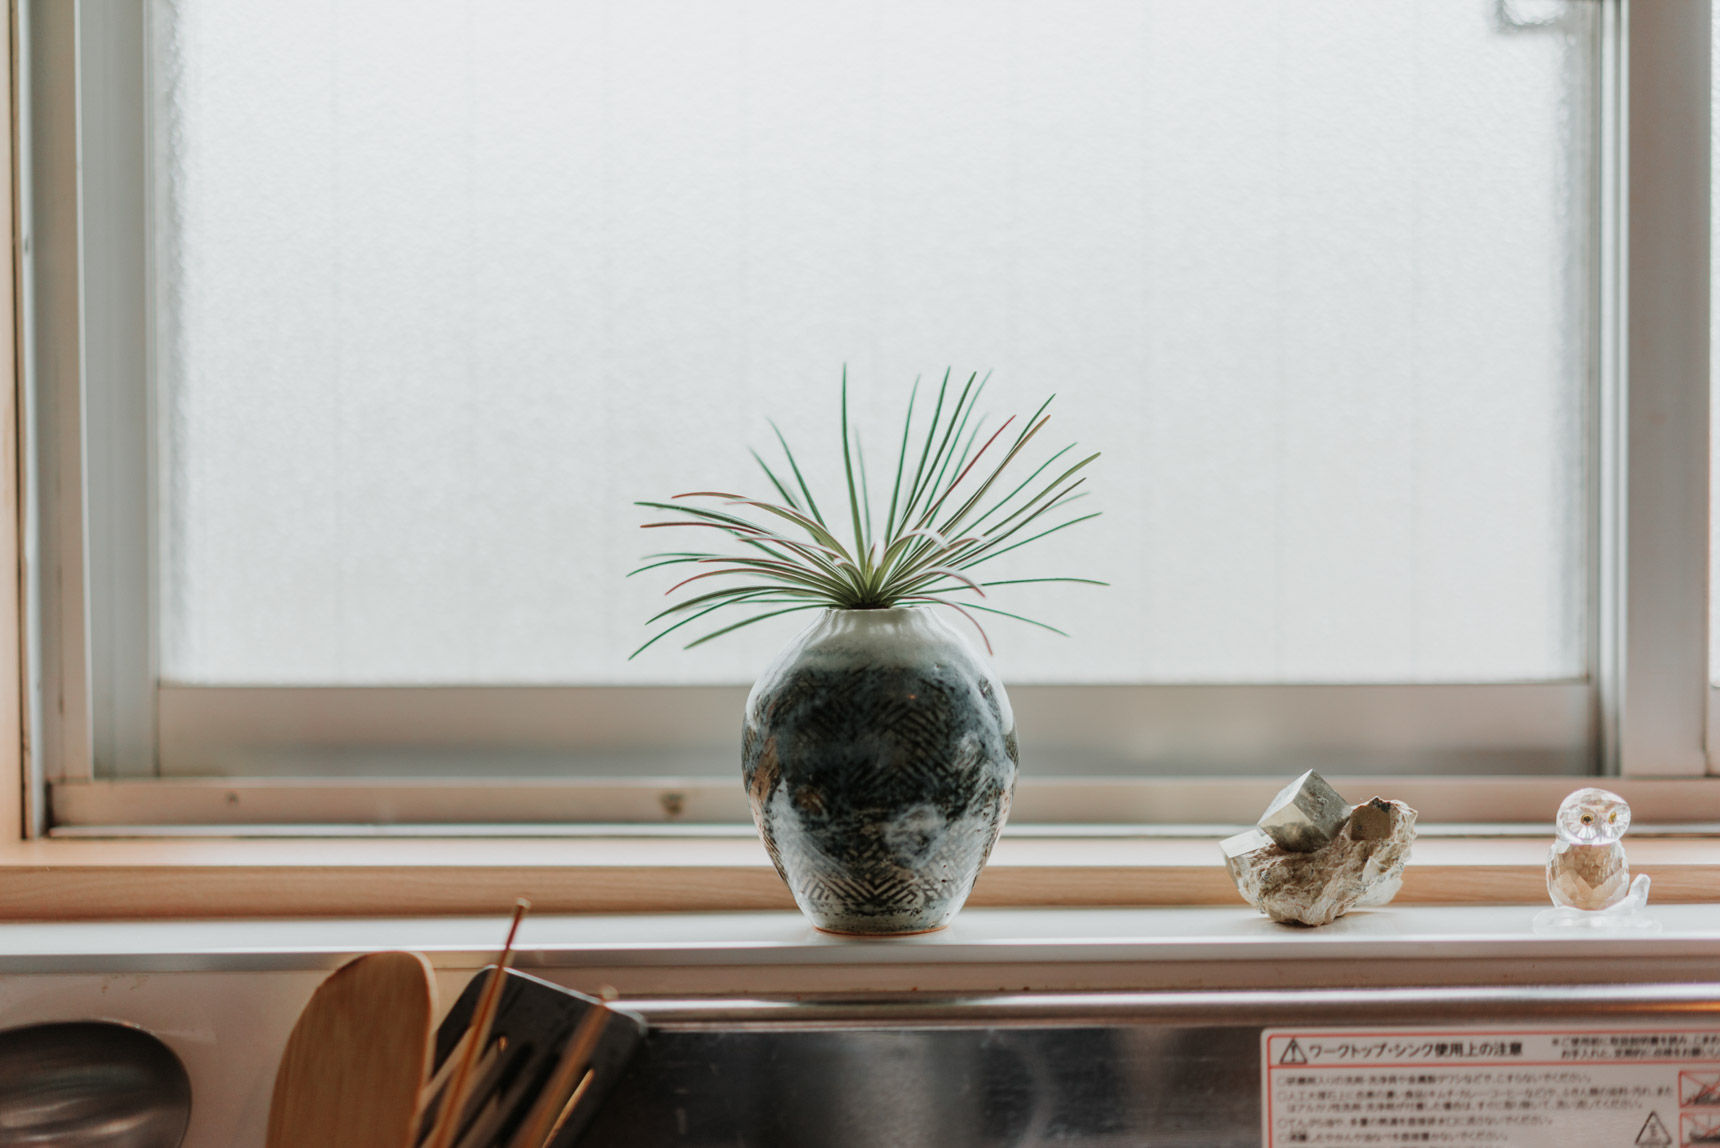 窓際に飾られたグリーンも、鉢とのバランスが絶妙です。